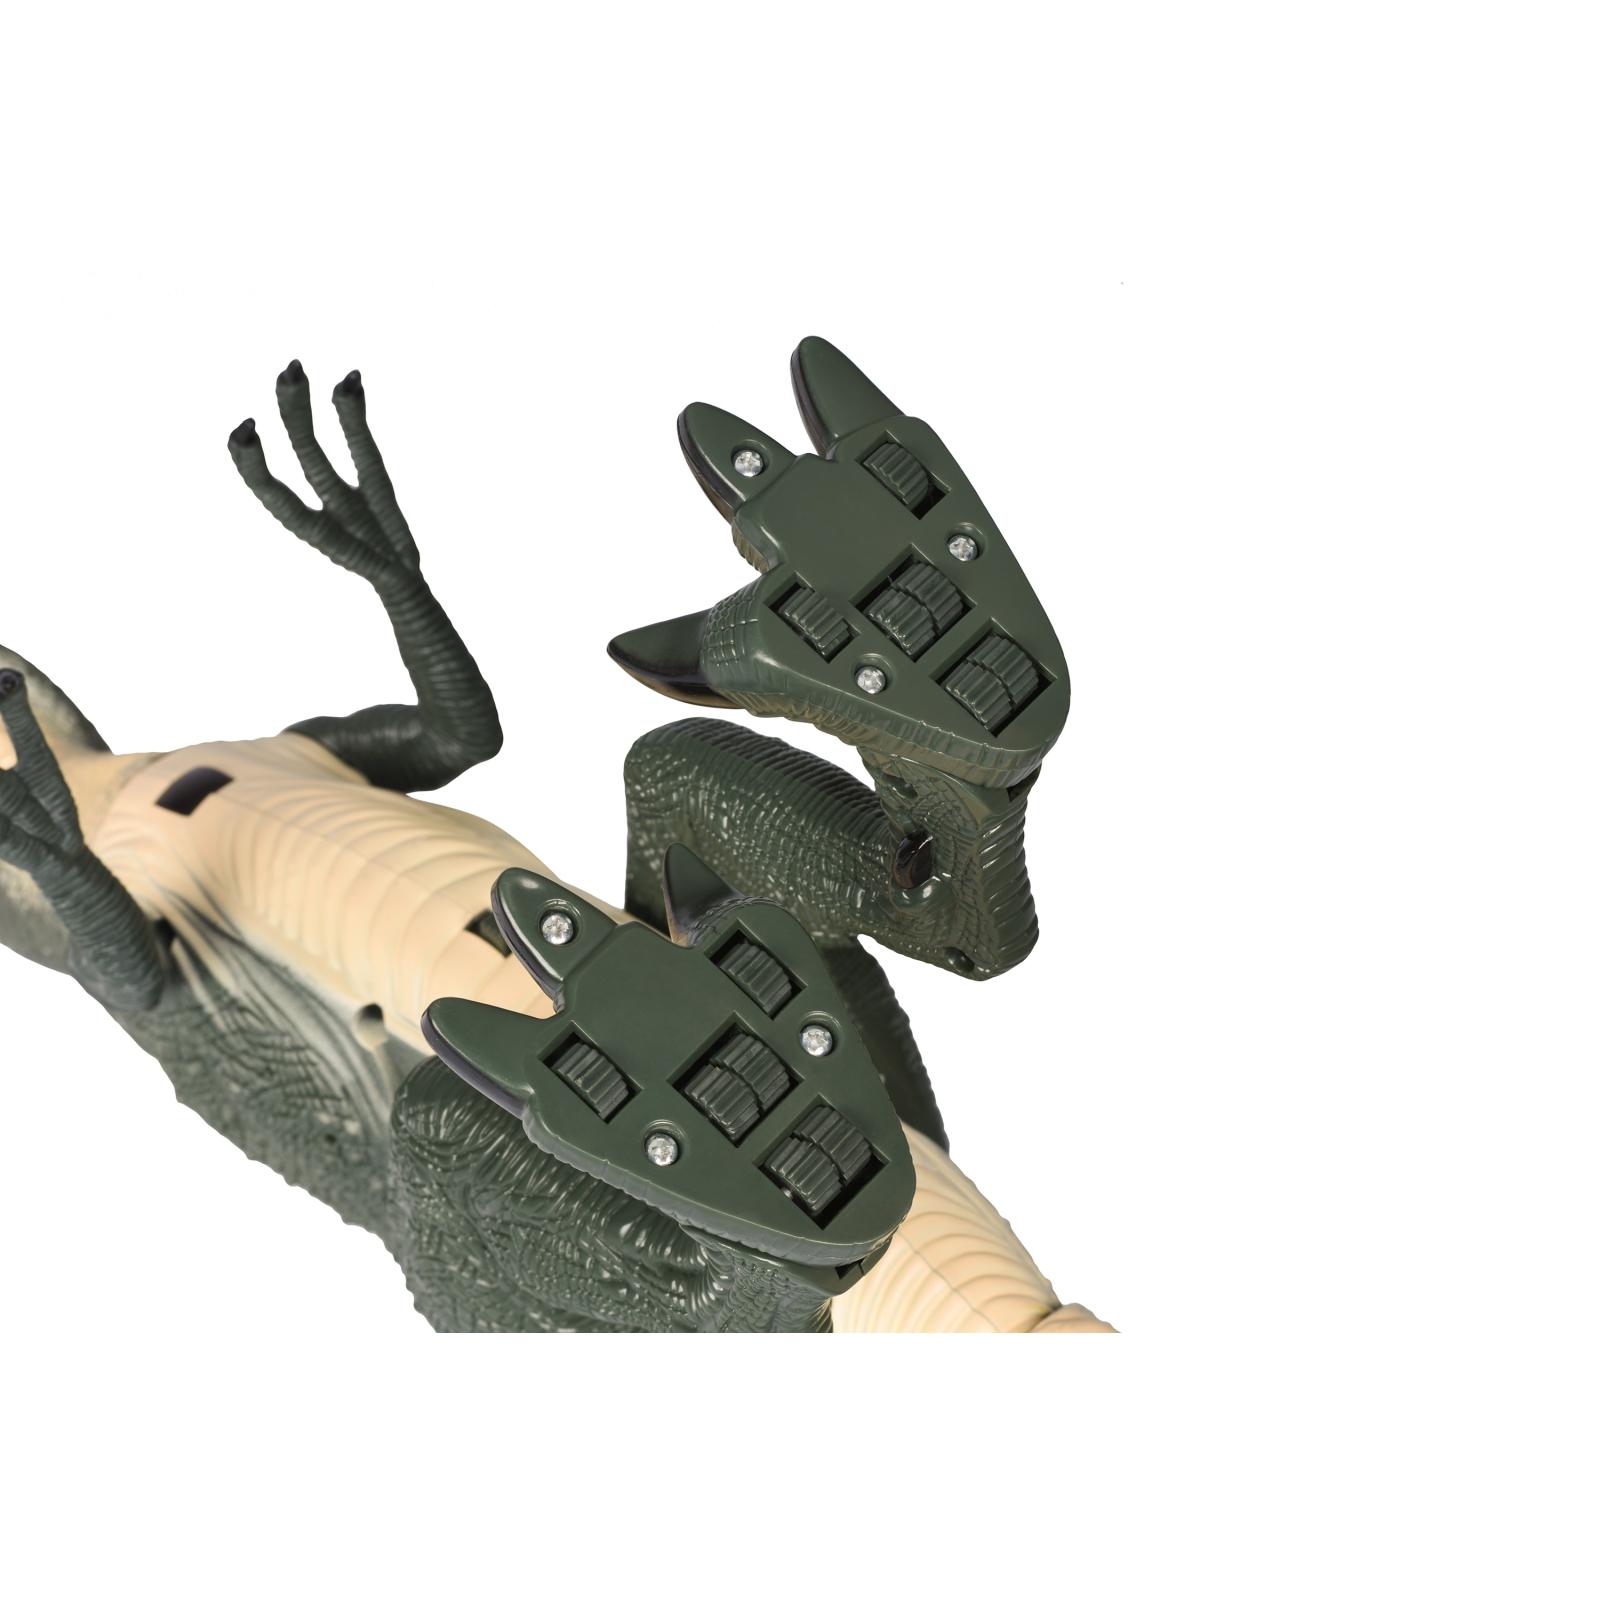 Интерактивная игрушка Same Toy Динозавр Dinosaur World зеленый со светом звуком (RS6124Ut) изображение 7